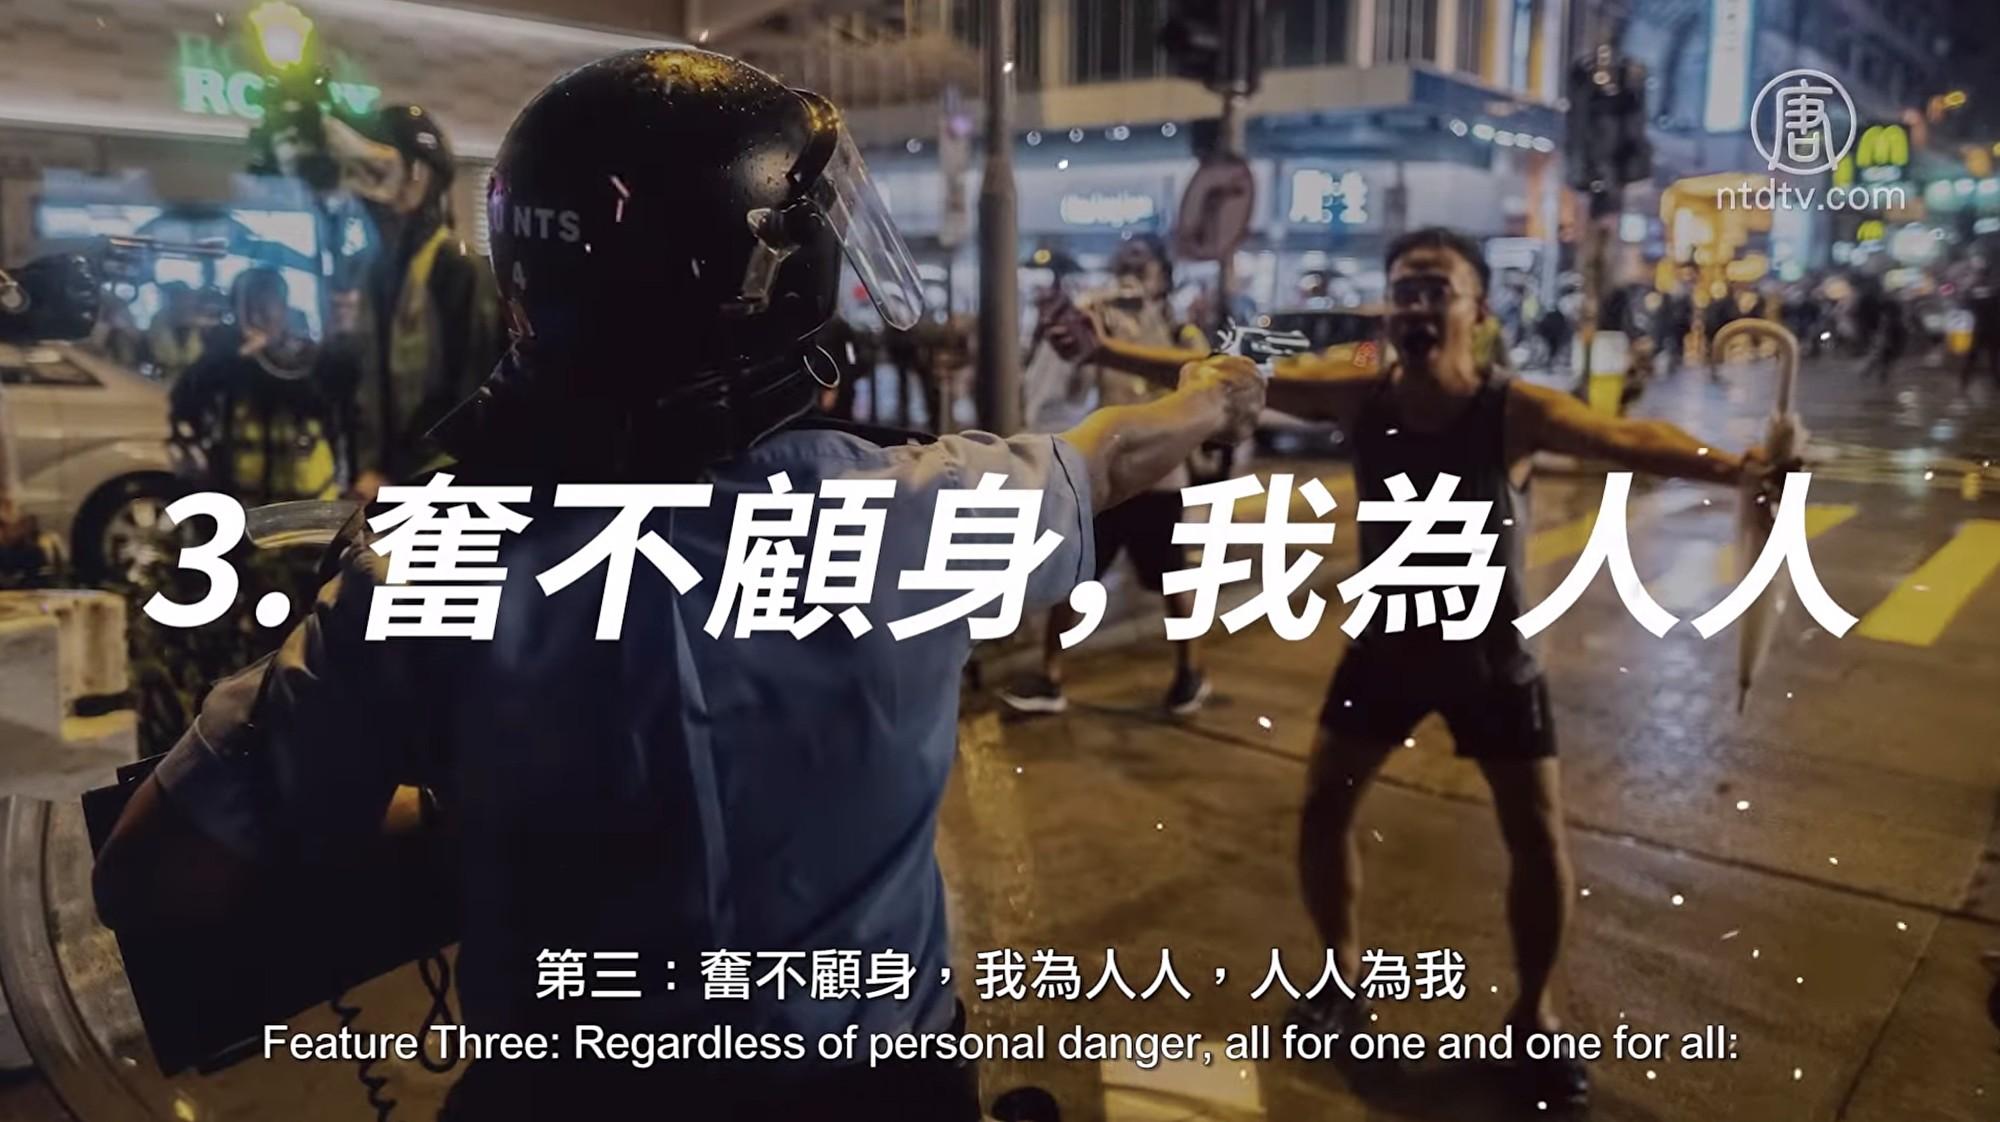 香港抗爭者特色。(新唐人電視台)